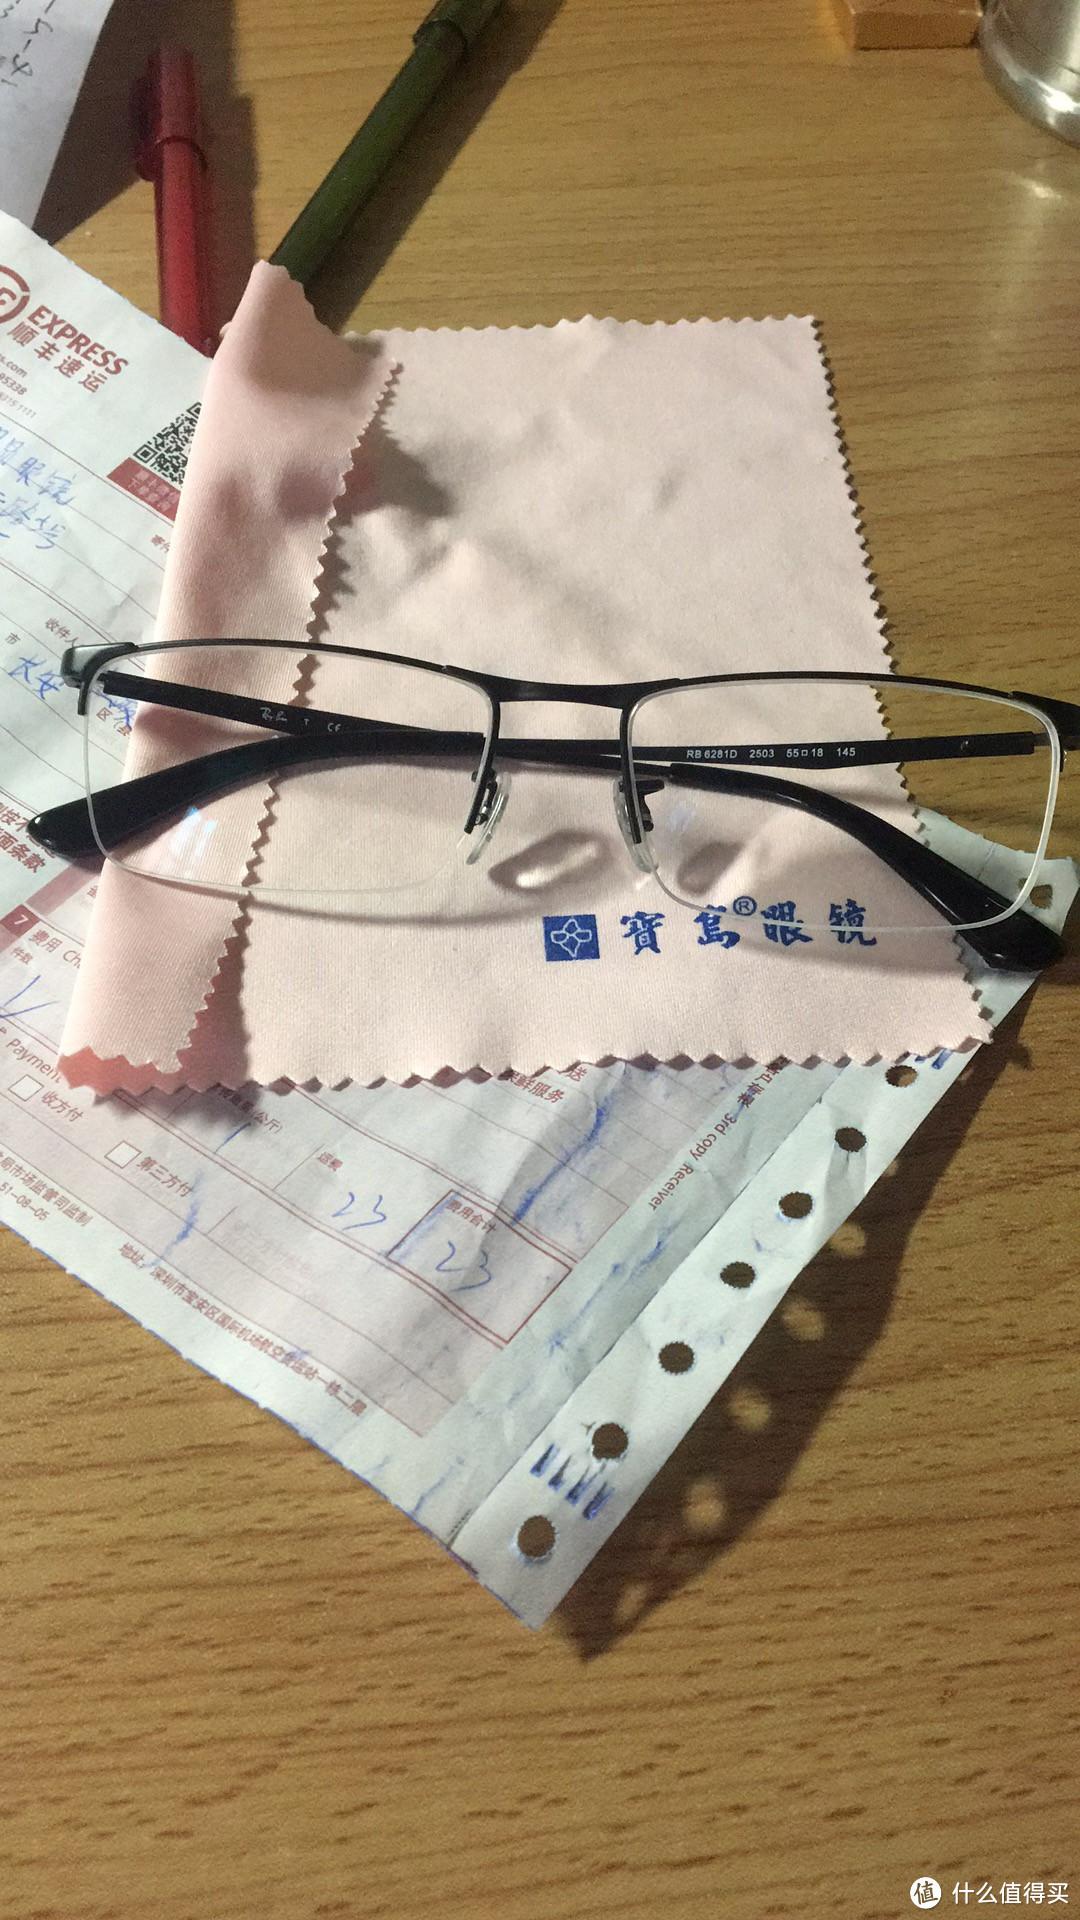 安利一下不知道哪里好的 ZEISS 蔡司 眼镜镜片